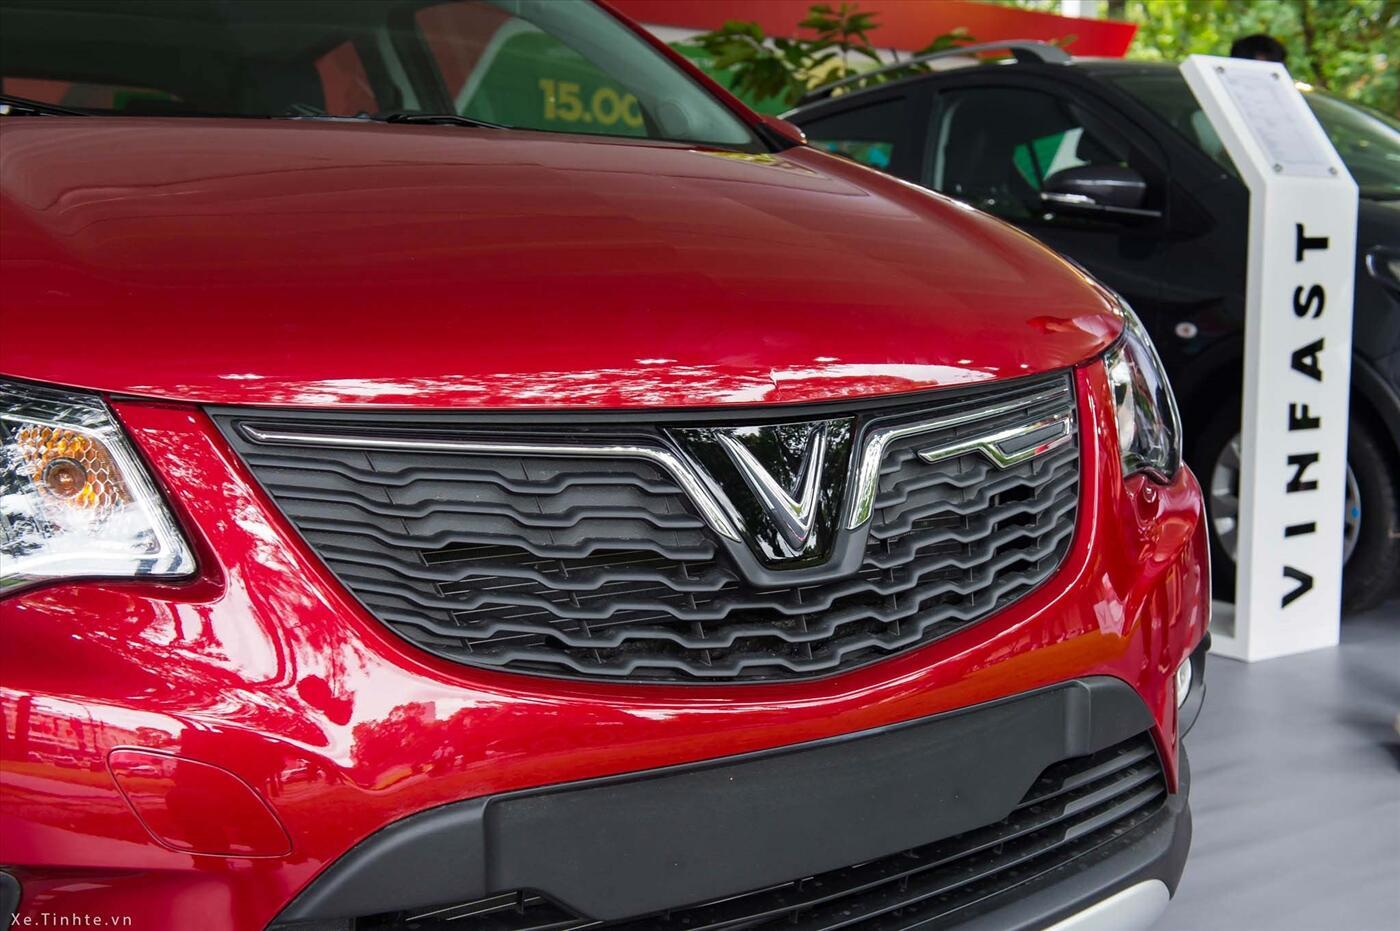 VinFast Fadil Hatchback 1.4L AT Phiên Bản Tiêu Chuẩn (Máy xăng) - Hình 5